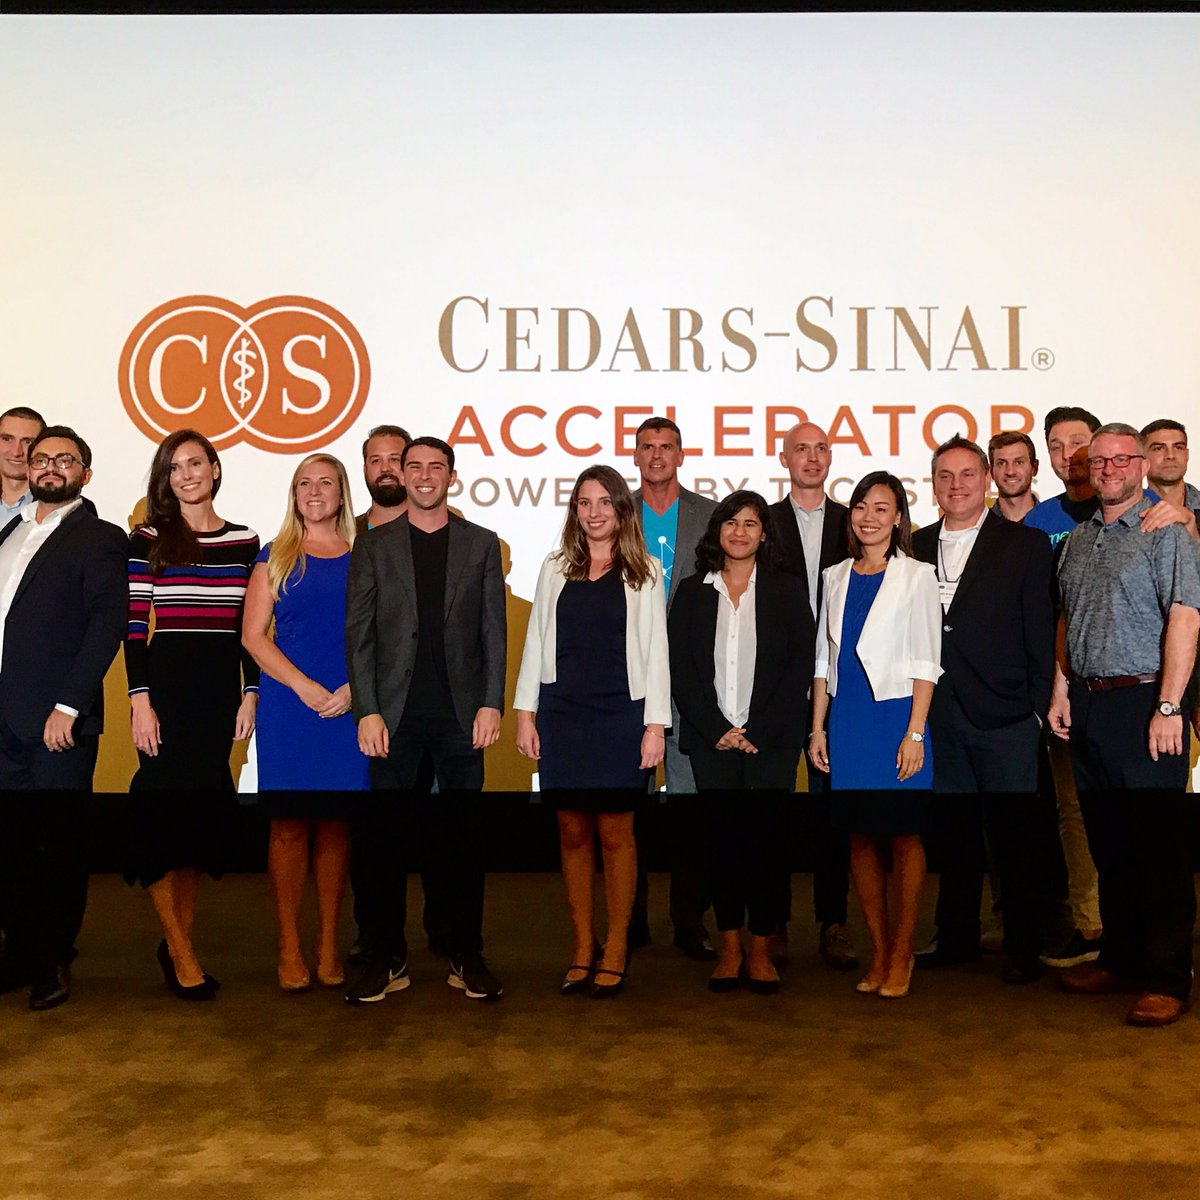 Digital LA - Cedar-Sinai Accelerator fourth Demo Day